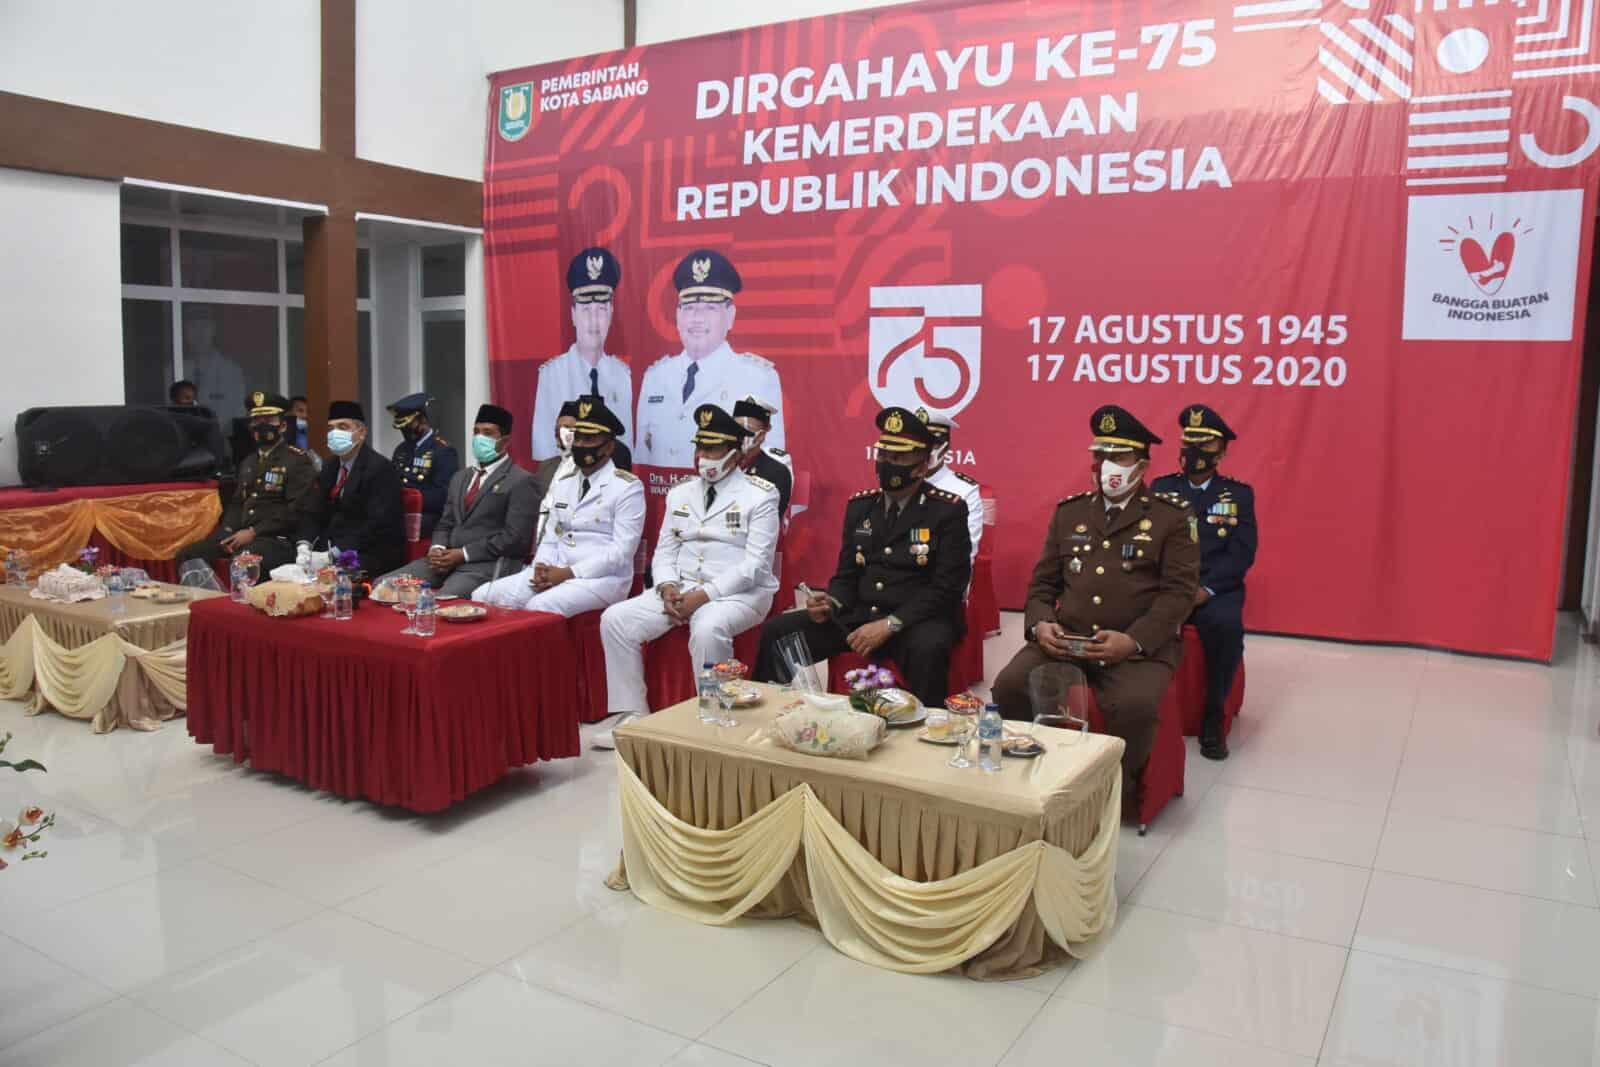 Upacara Peringatan Ke-75 Tahun 2020, Detik-Detik Proklamasi Kemerdekaan Republik Indonesia Dilaksanakan Secara Virtual.